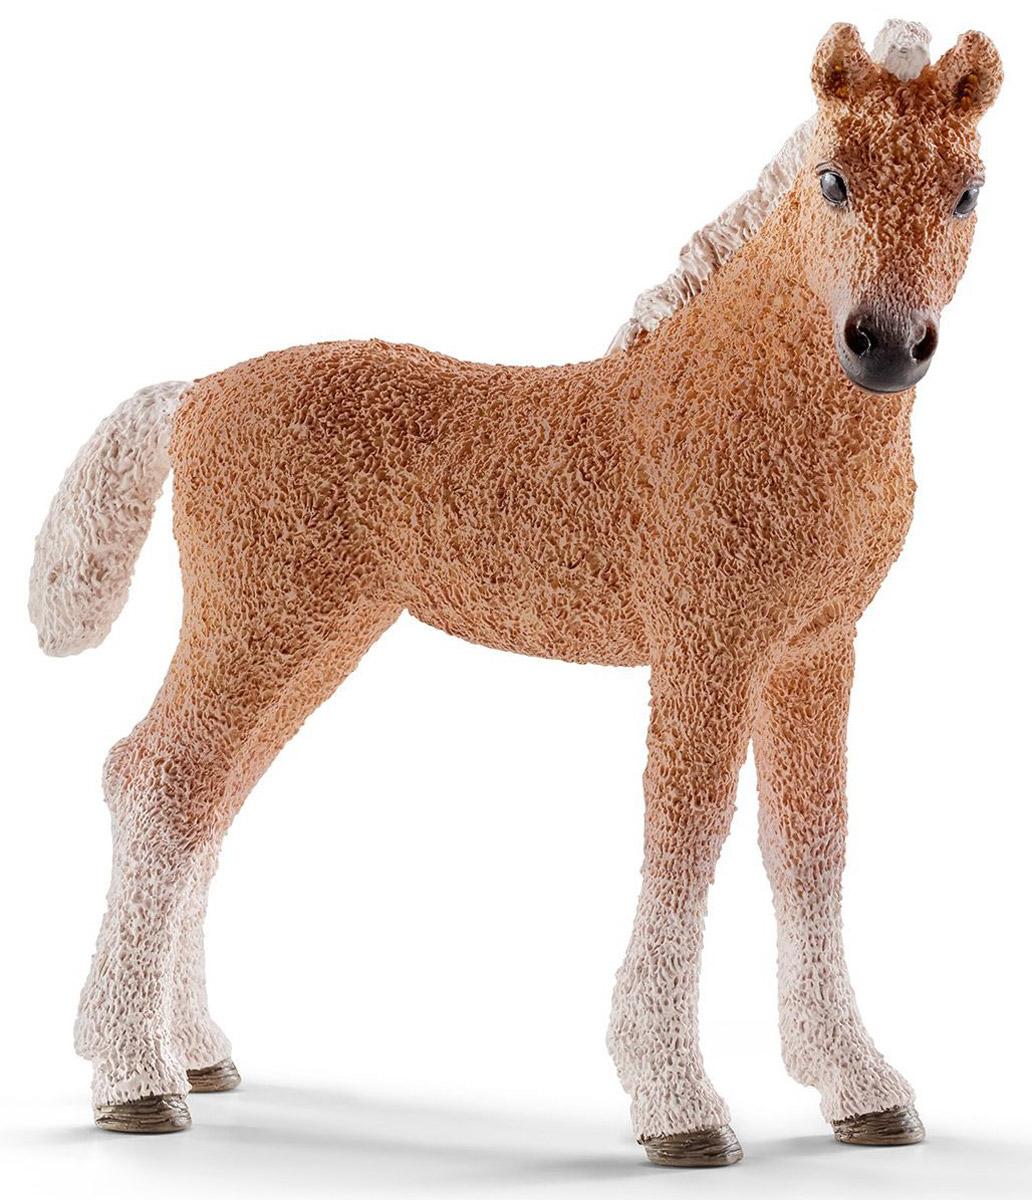 Schleich Фигурка Башкирская кудрявая жеребенок13781Фигурка Schleich Башкирский кудрявый жеребенок - милая и красивая фигурка лошадки, которая понравится всем юным наездникам и коллекционерам. Лошадь этой породы была выведена в Башкортостане, она прекрасно приспособлена к очень низким температурам и может широко использоваться зимой. Лошадка не замерзает, благодаря своей необычно вьющейся шерсти. Шерсть этих лошадей широко используется и славится своей гипоаллергенностью и прекрасными качествами. Все фигурки Schleich изготовлены из гипоаллергенных высокотехнологичных материалов, раскрашены вручную и не вызывают аллергии у ребенка. Прекрасно выполненные фигурки отличаются высочайшим качеством игрушек ручной работы. Все они создаются при постоянном сотрудничестве с Берлинским зоопарком, а потому являются максимально точной копией настоящих животных. Каждая фигурка разработана с учетом исследований в области педагогики и производится как настоящее произведение для маленьких детских ручек.